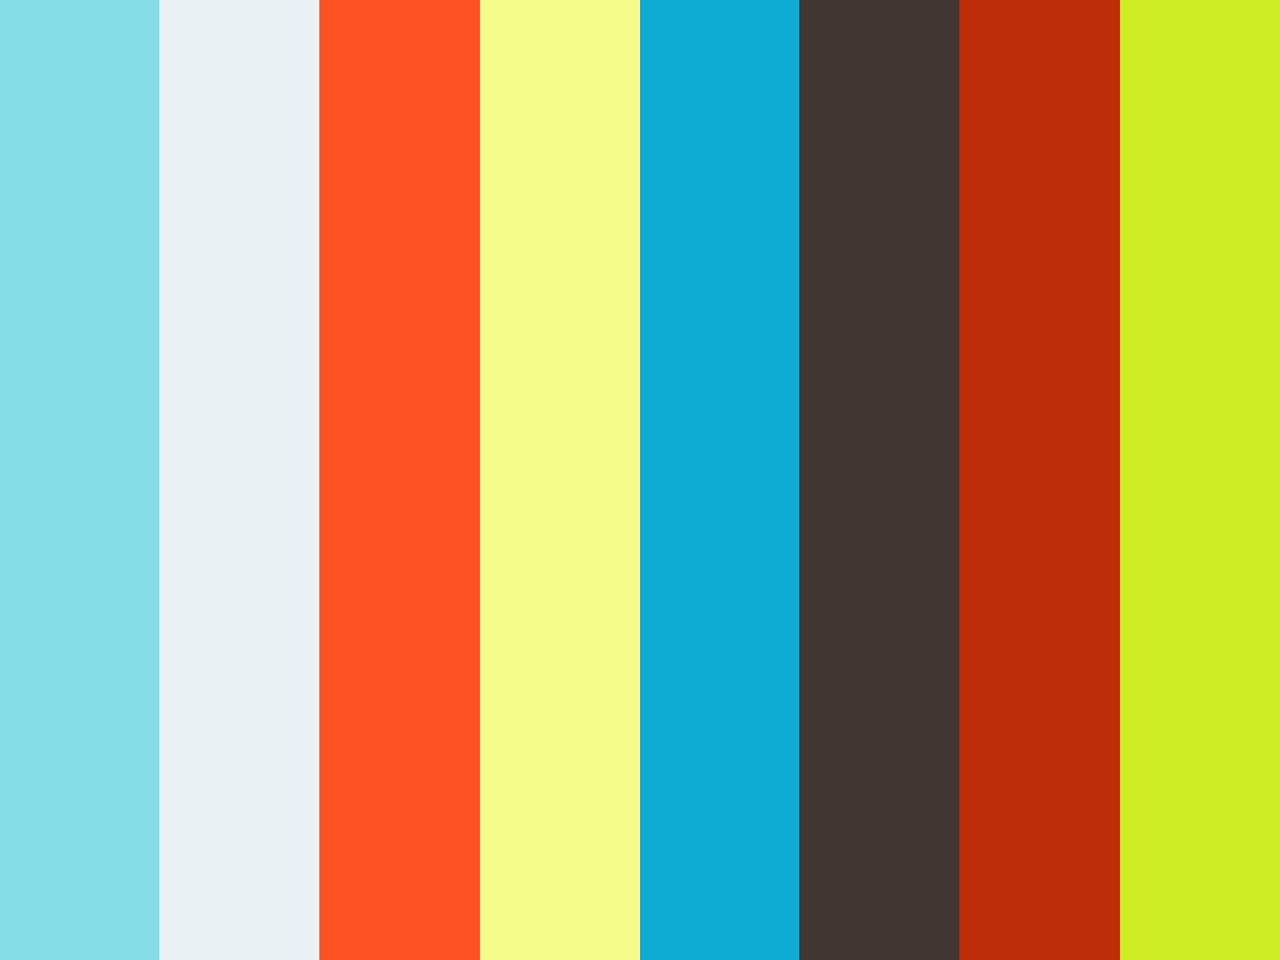 03James Skerrit - Unpredictable Happiness Screening Higher